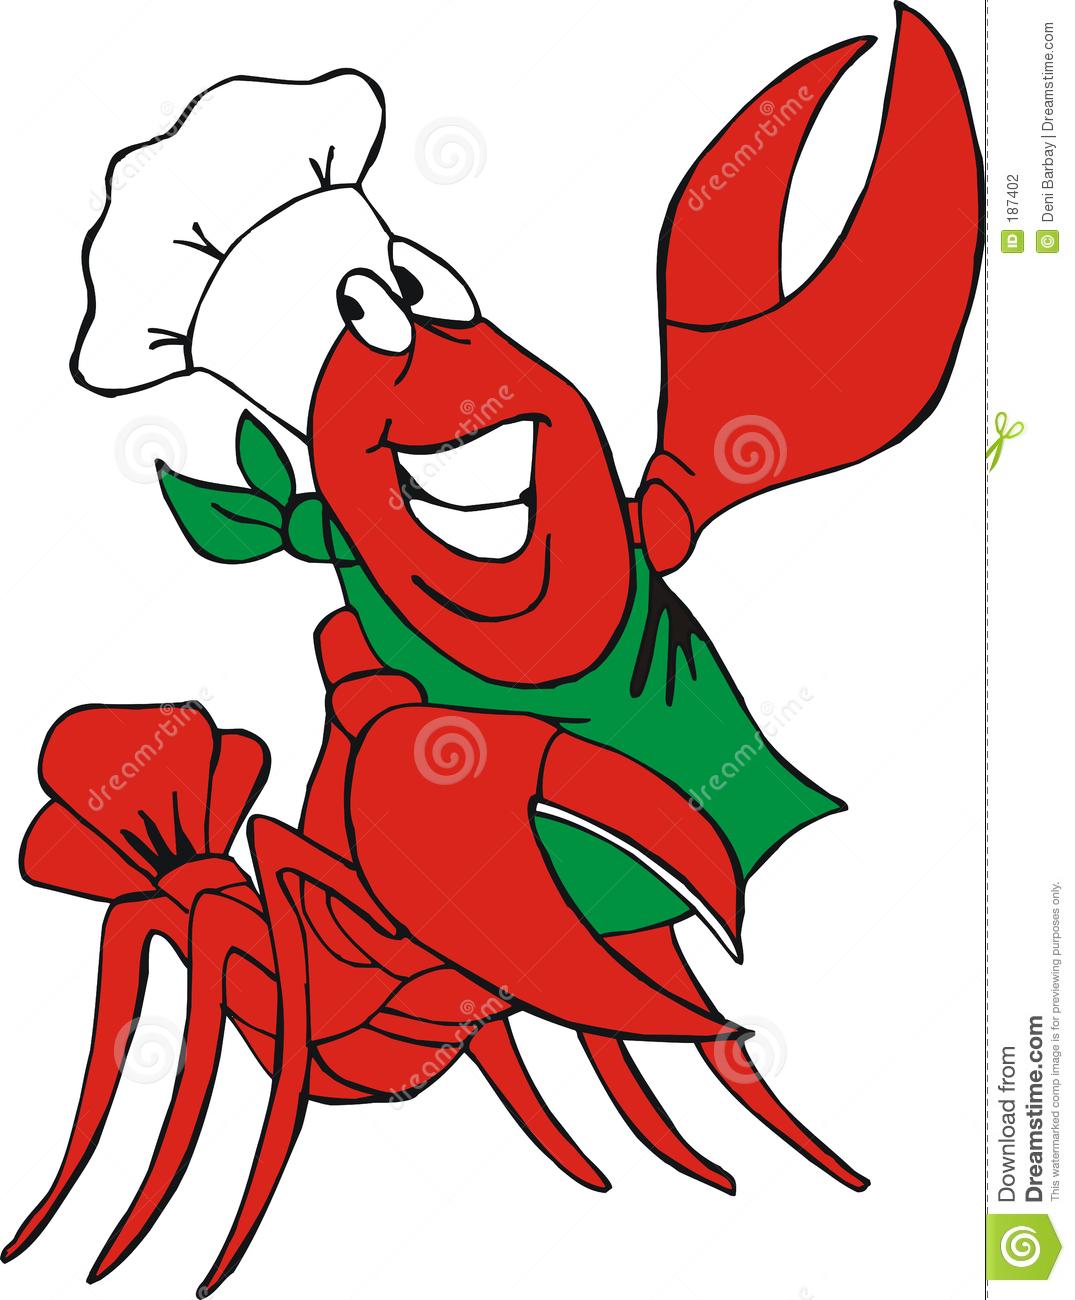 Cajun Crawfish Clip Art Picturespider Co-Cajun Crawfish Clip Art Picturespider Com-7